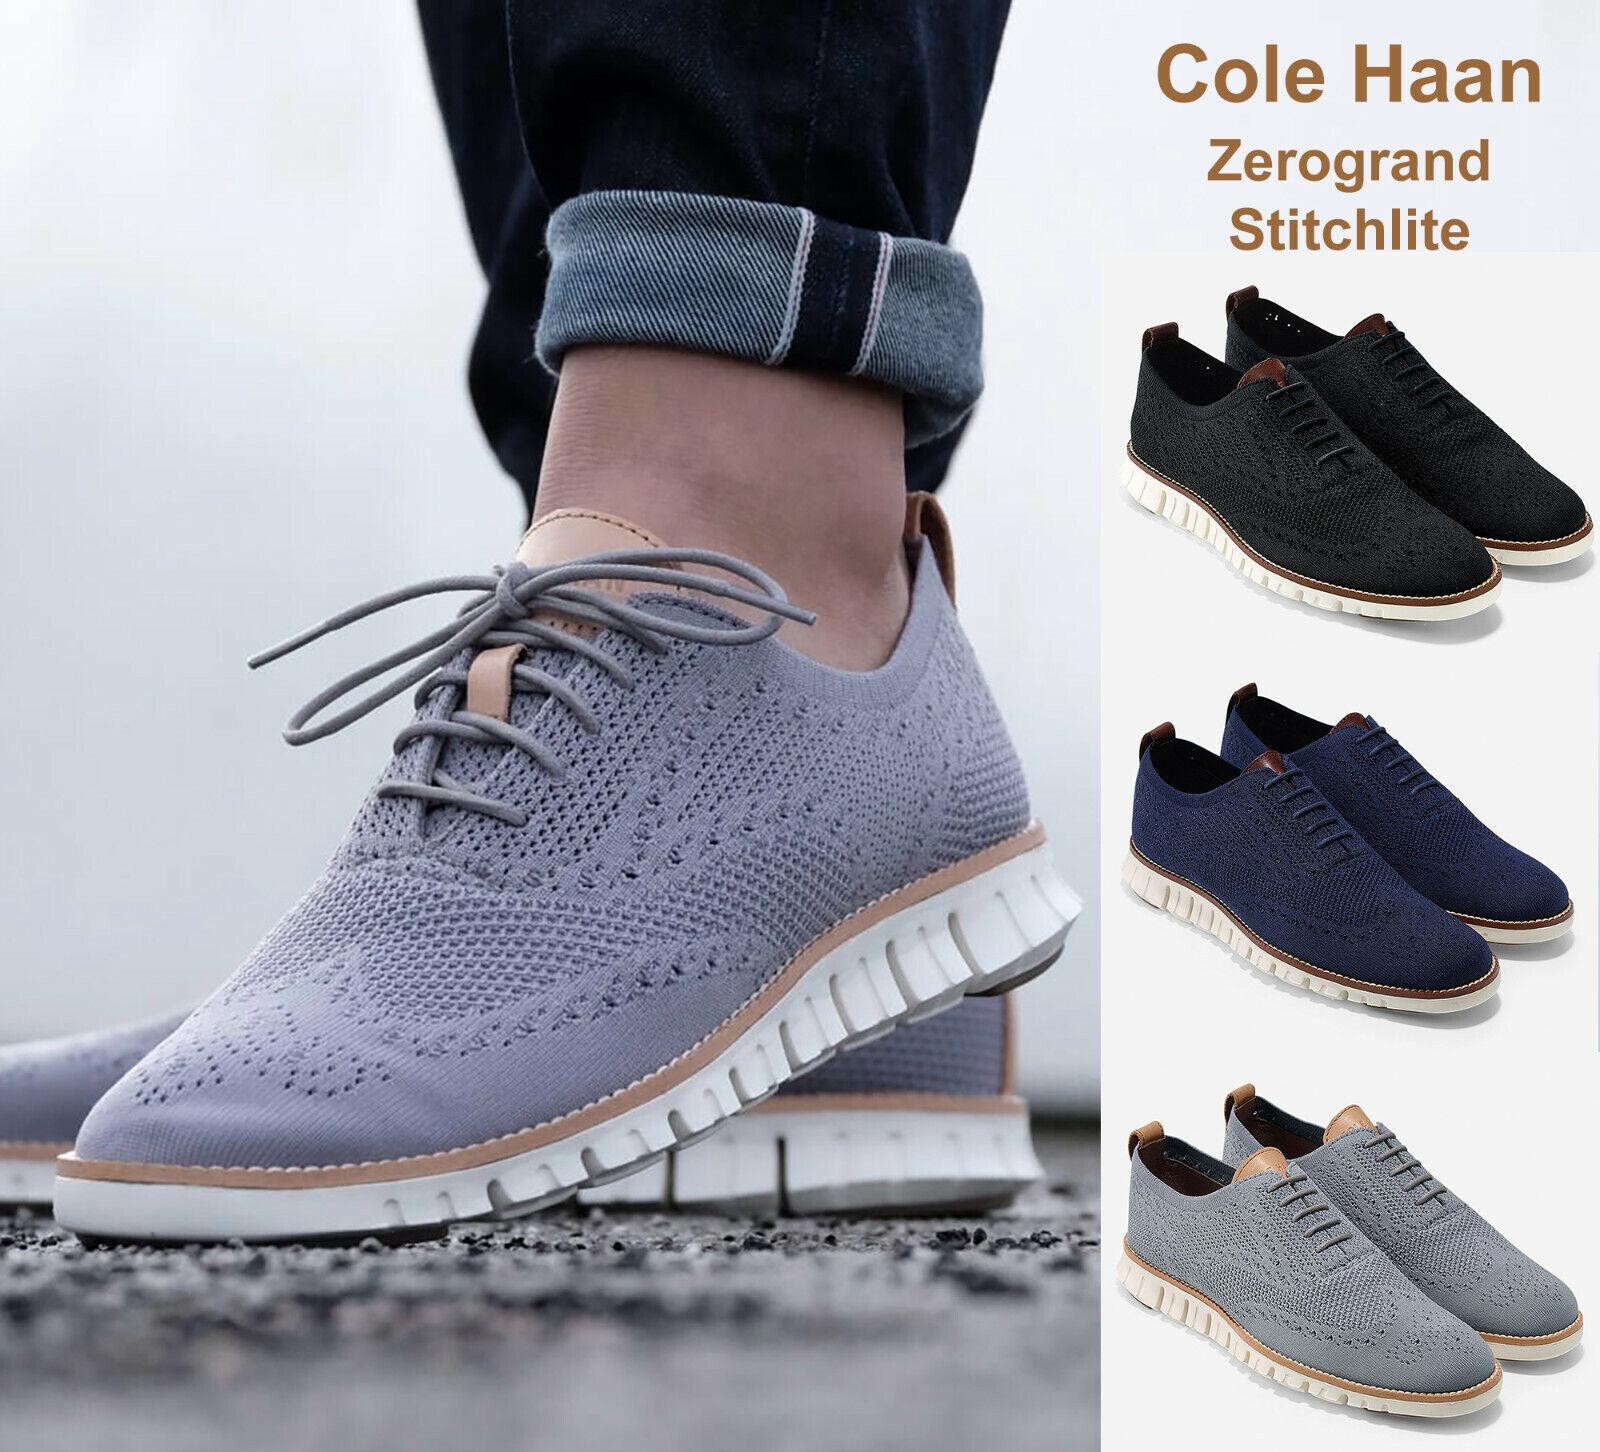 Cole Haan Ironstone Zerogrand Wingtip